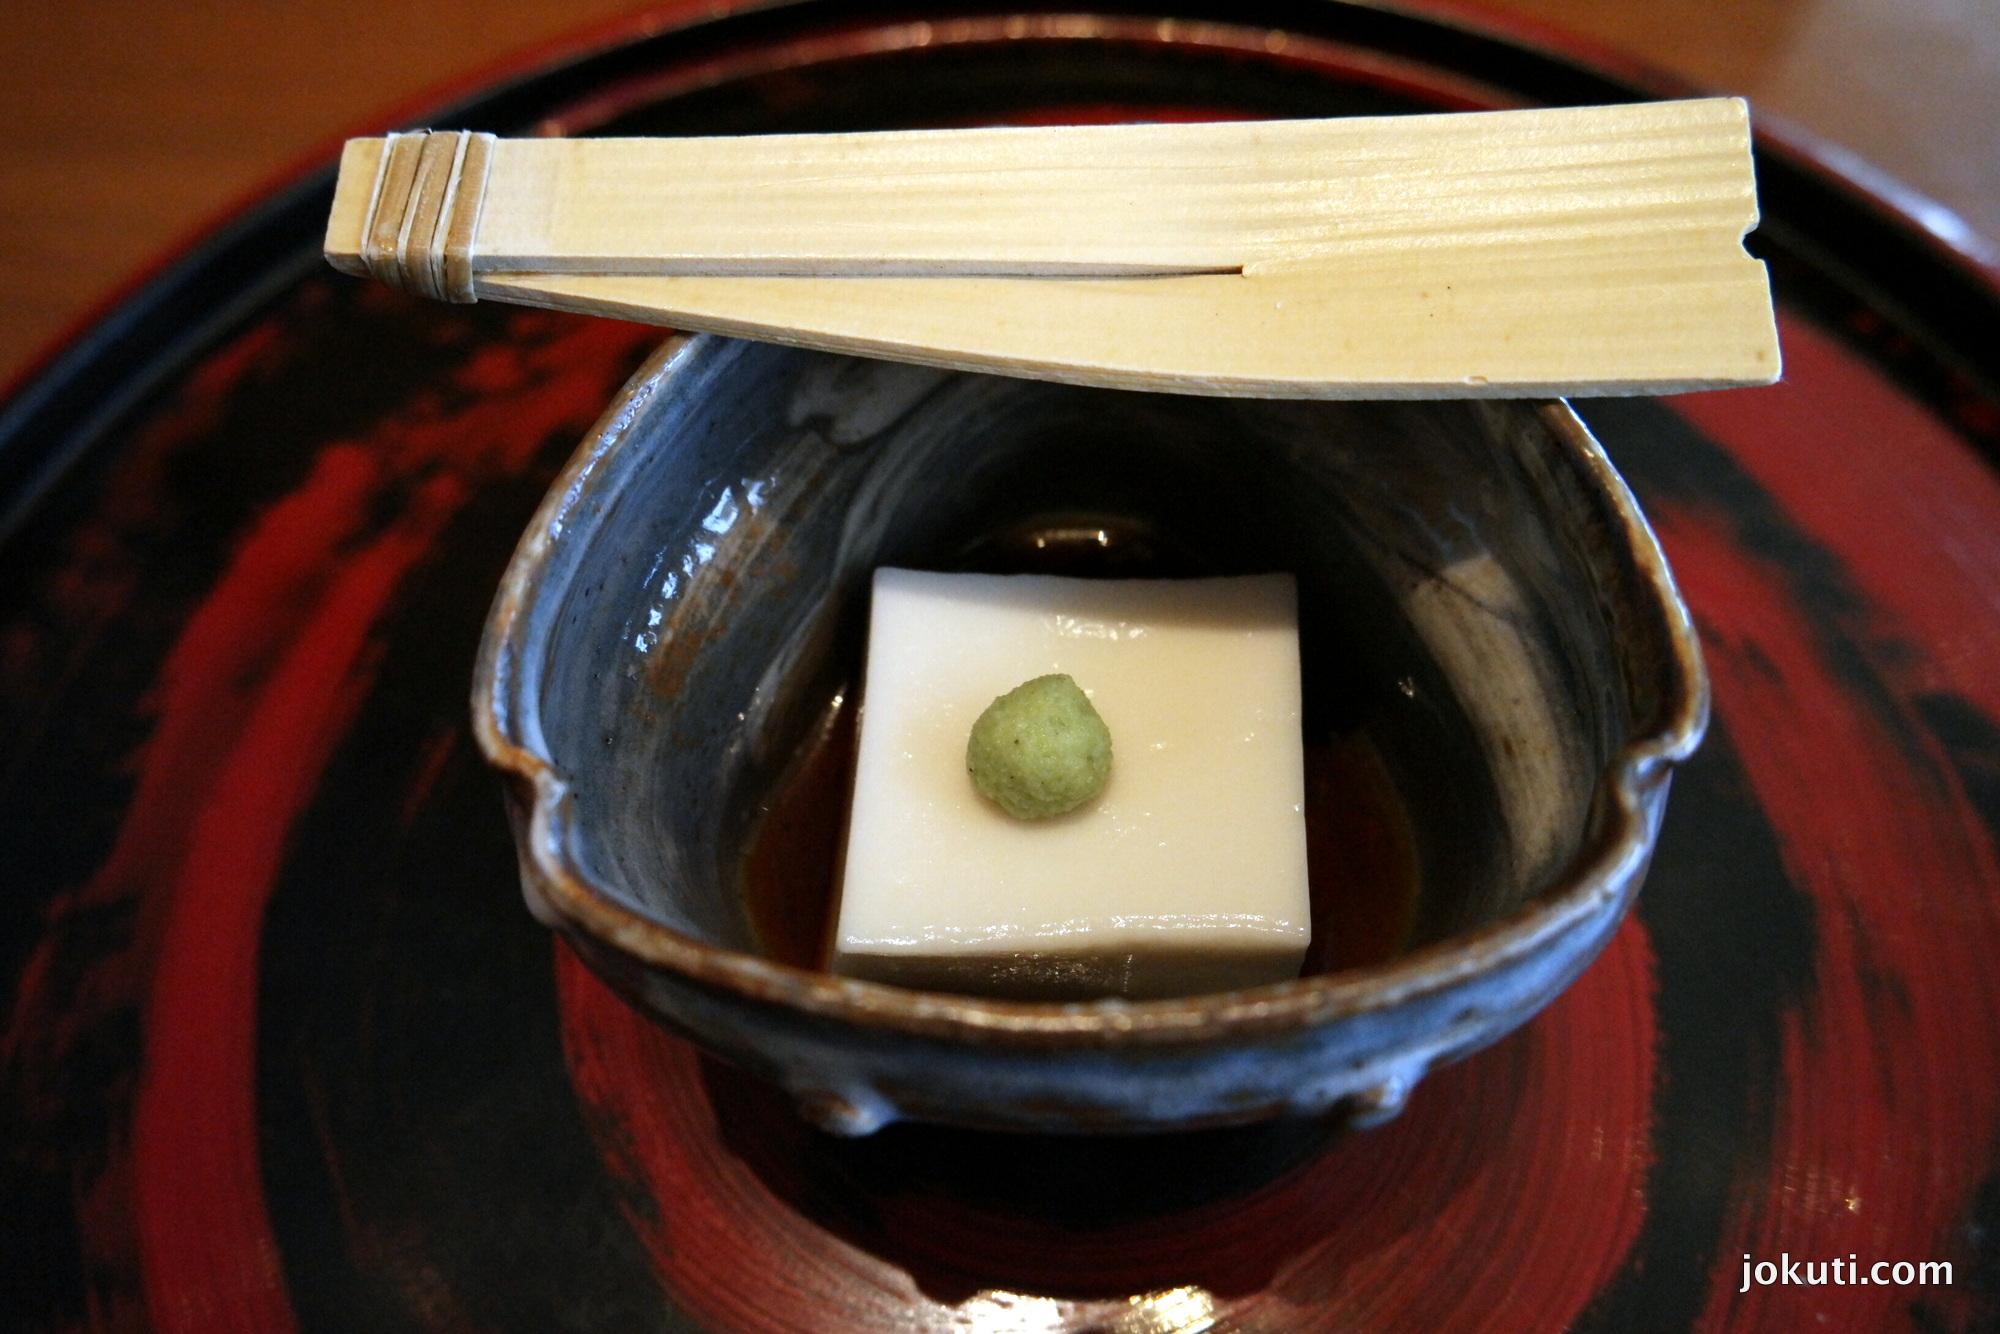 Szezámtofu wasabival